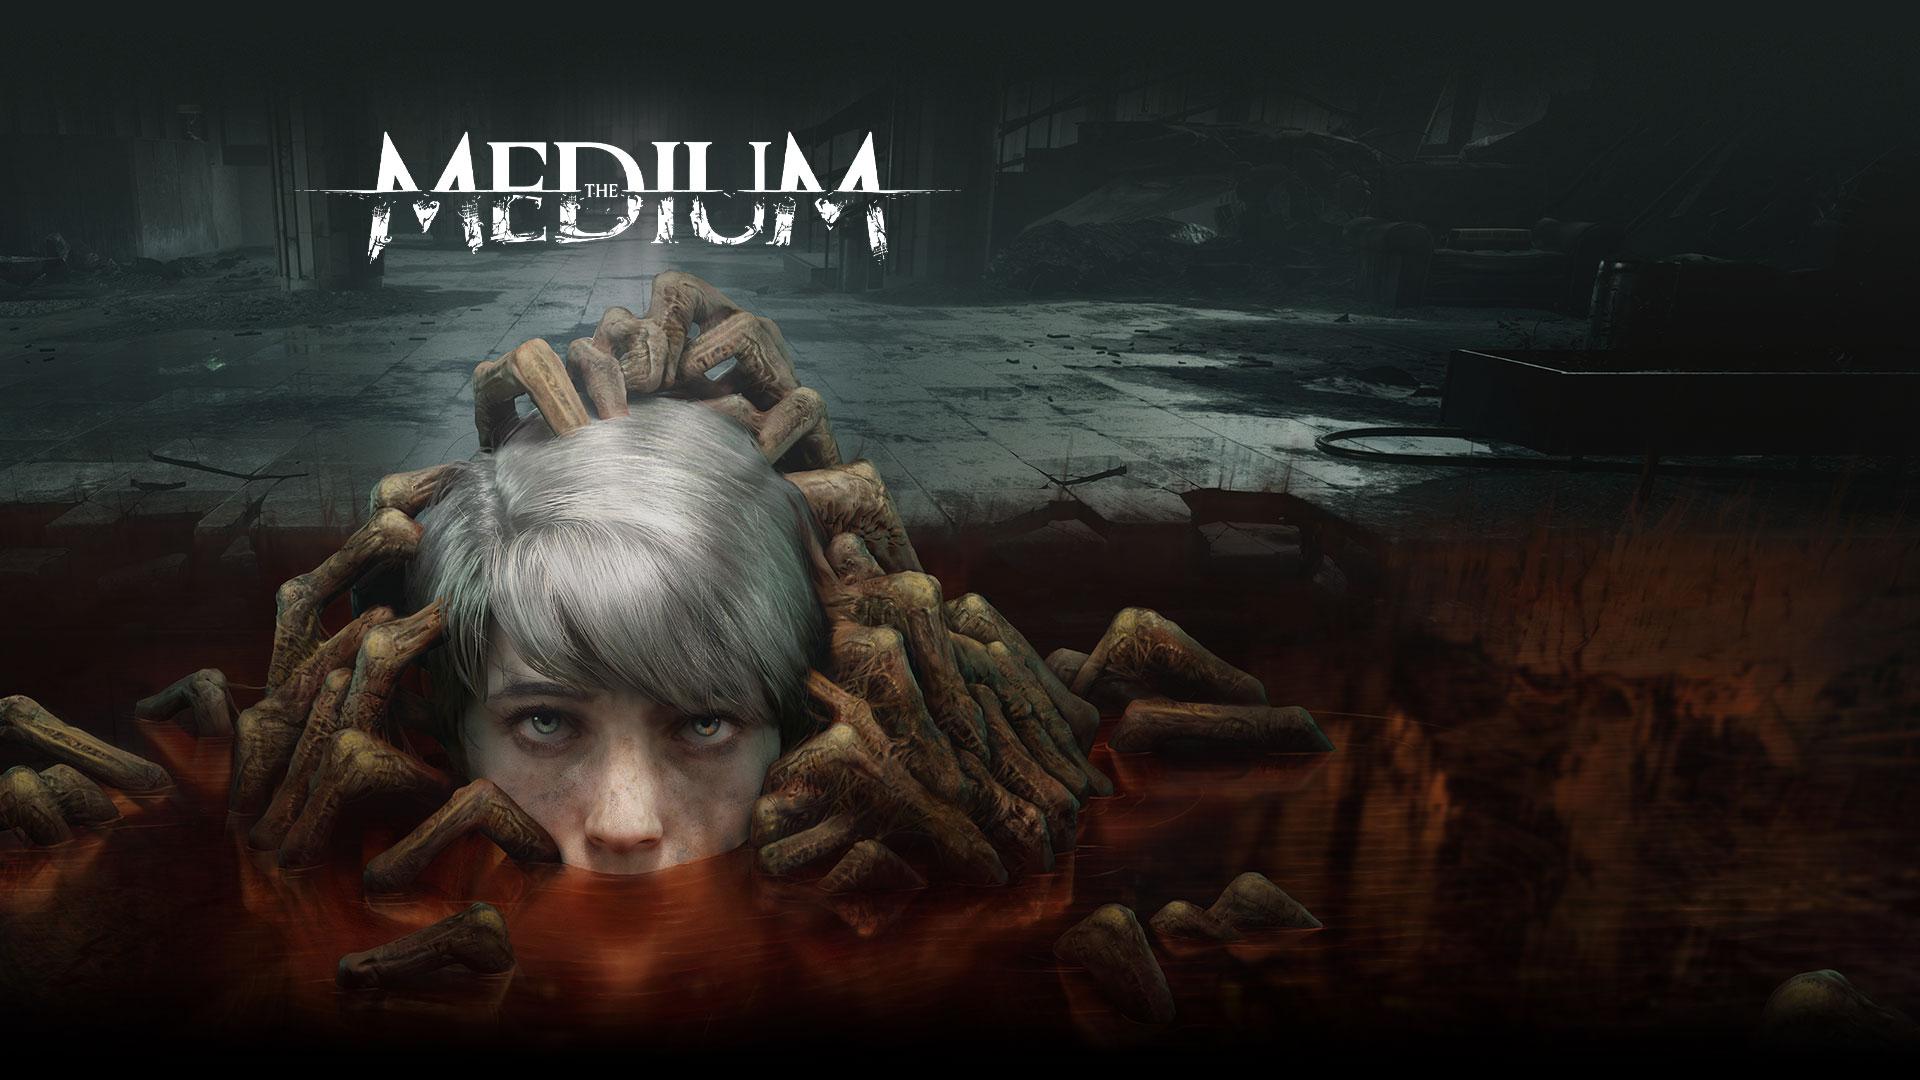 El juego de terror 'The Medium' anuncia su fecha de estreno - La Tercera